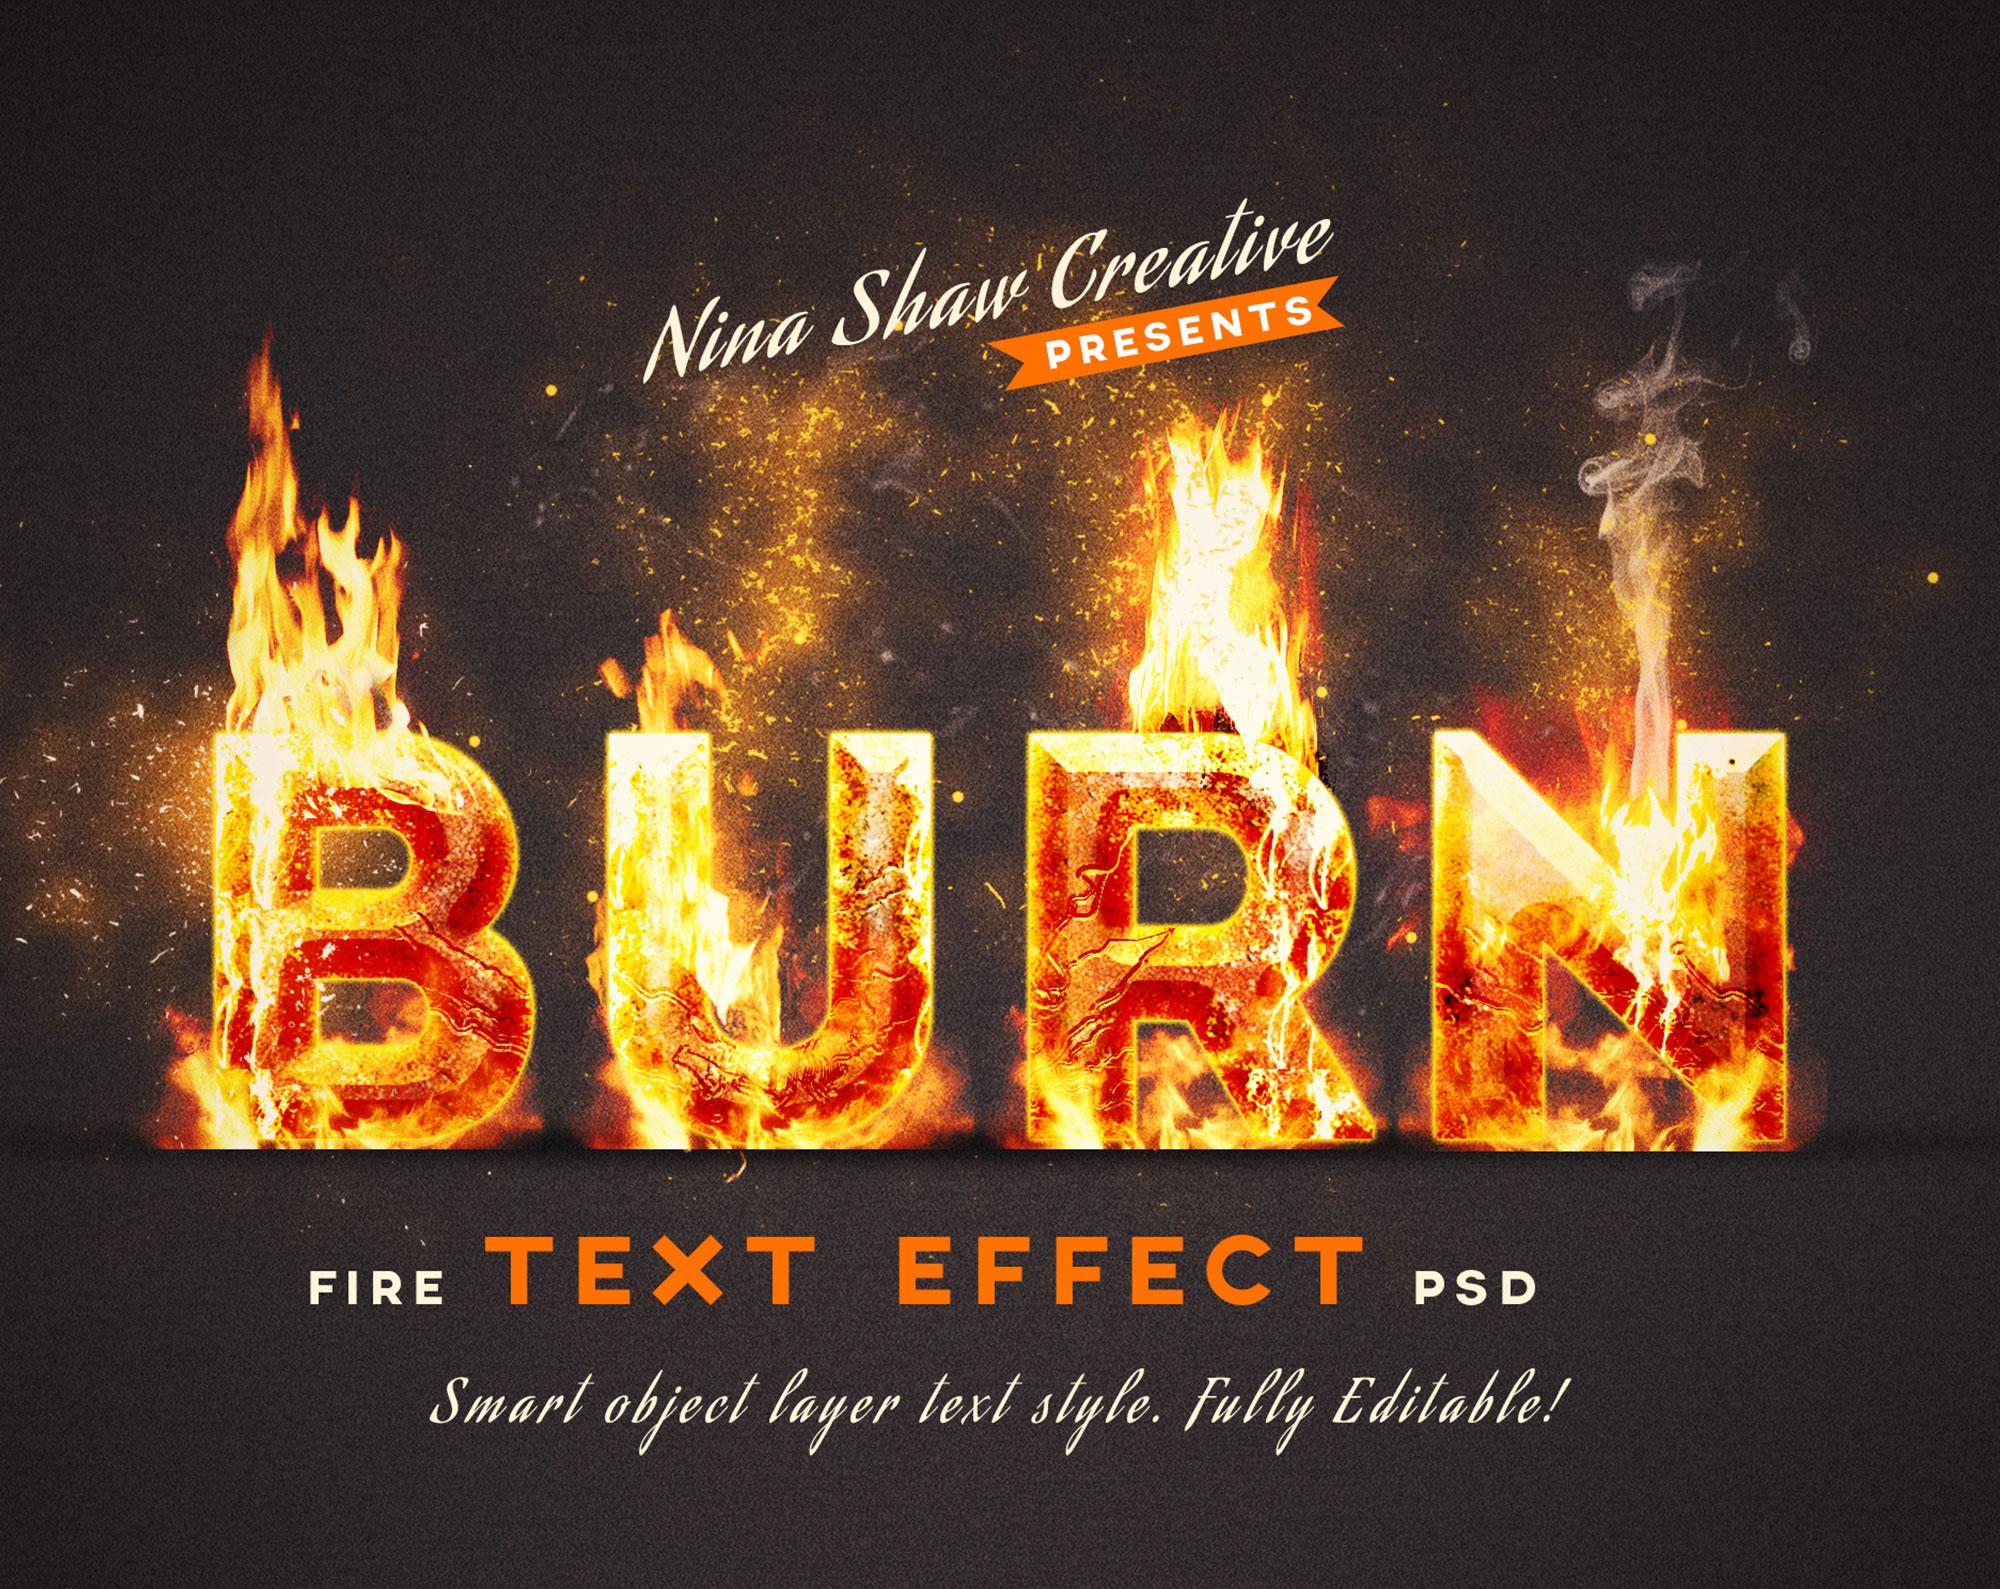 5款炫酷火焰燃烧特效立体字标题PS样式模板 Fire Text Effects插图(1)